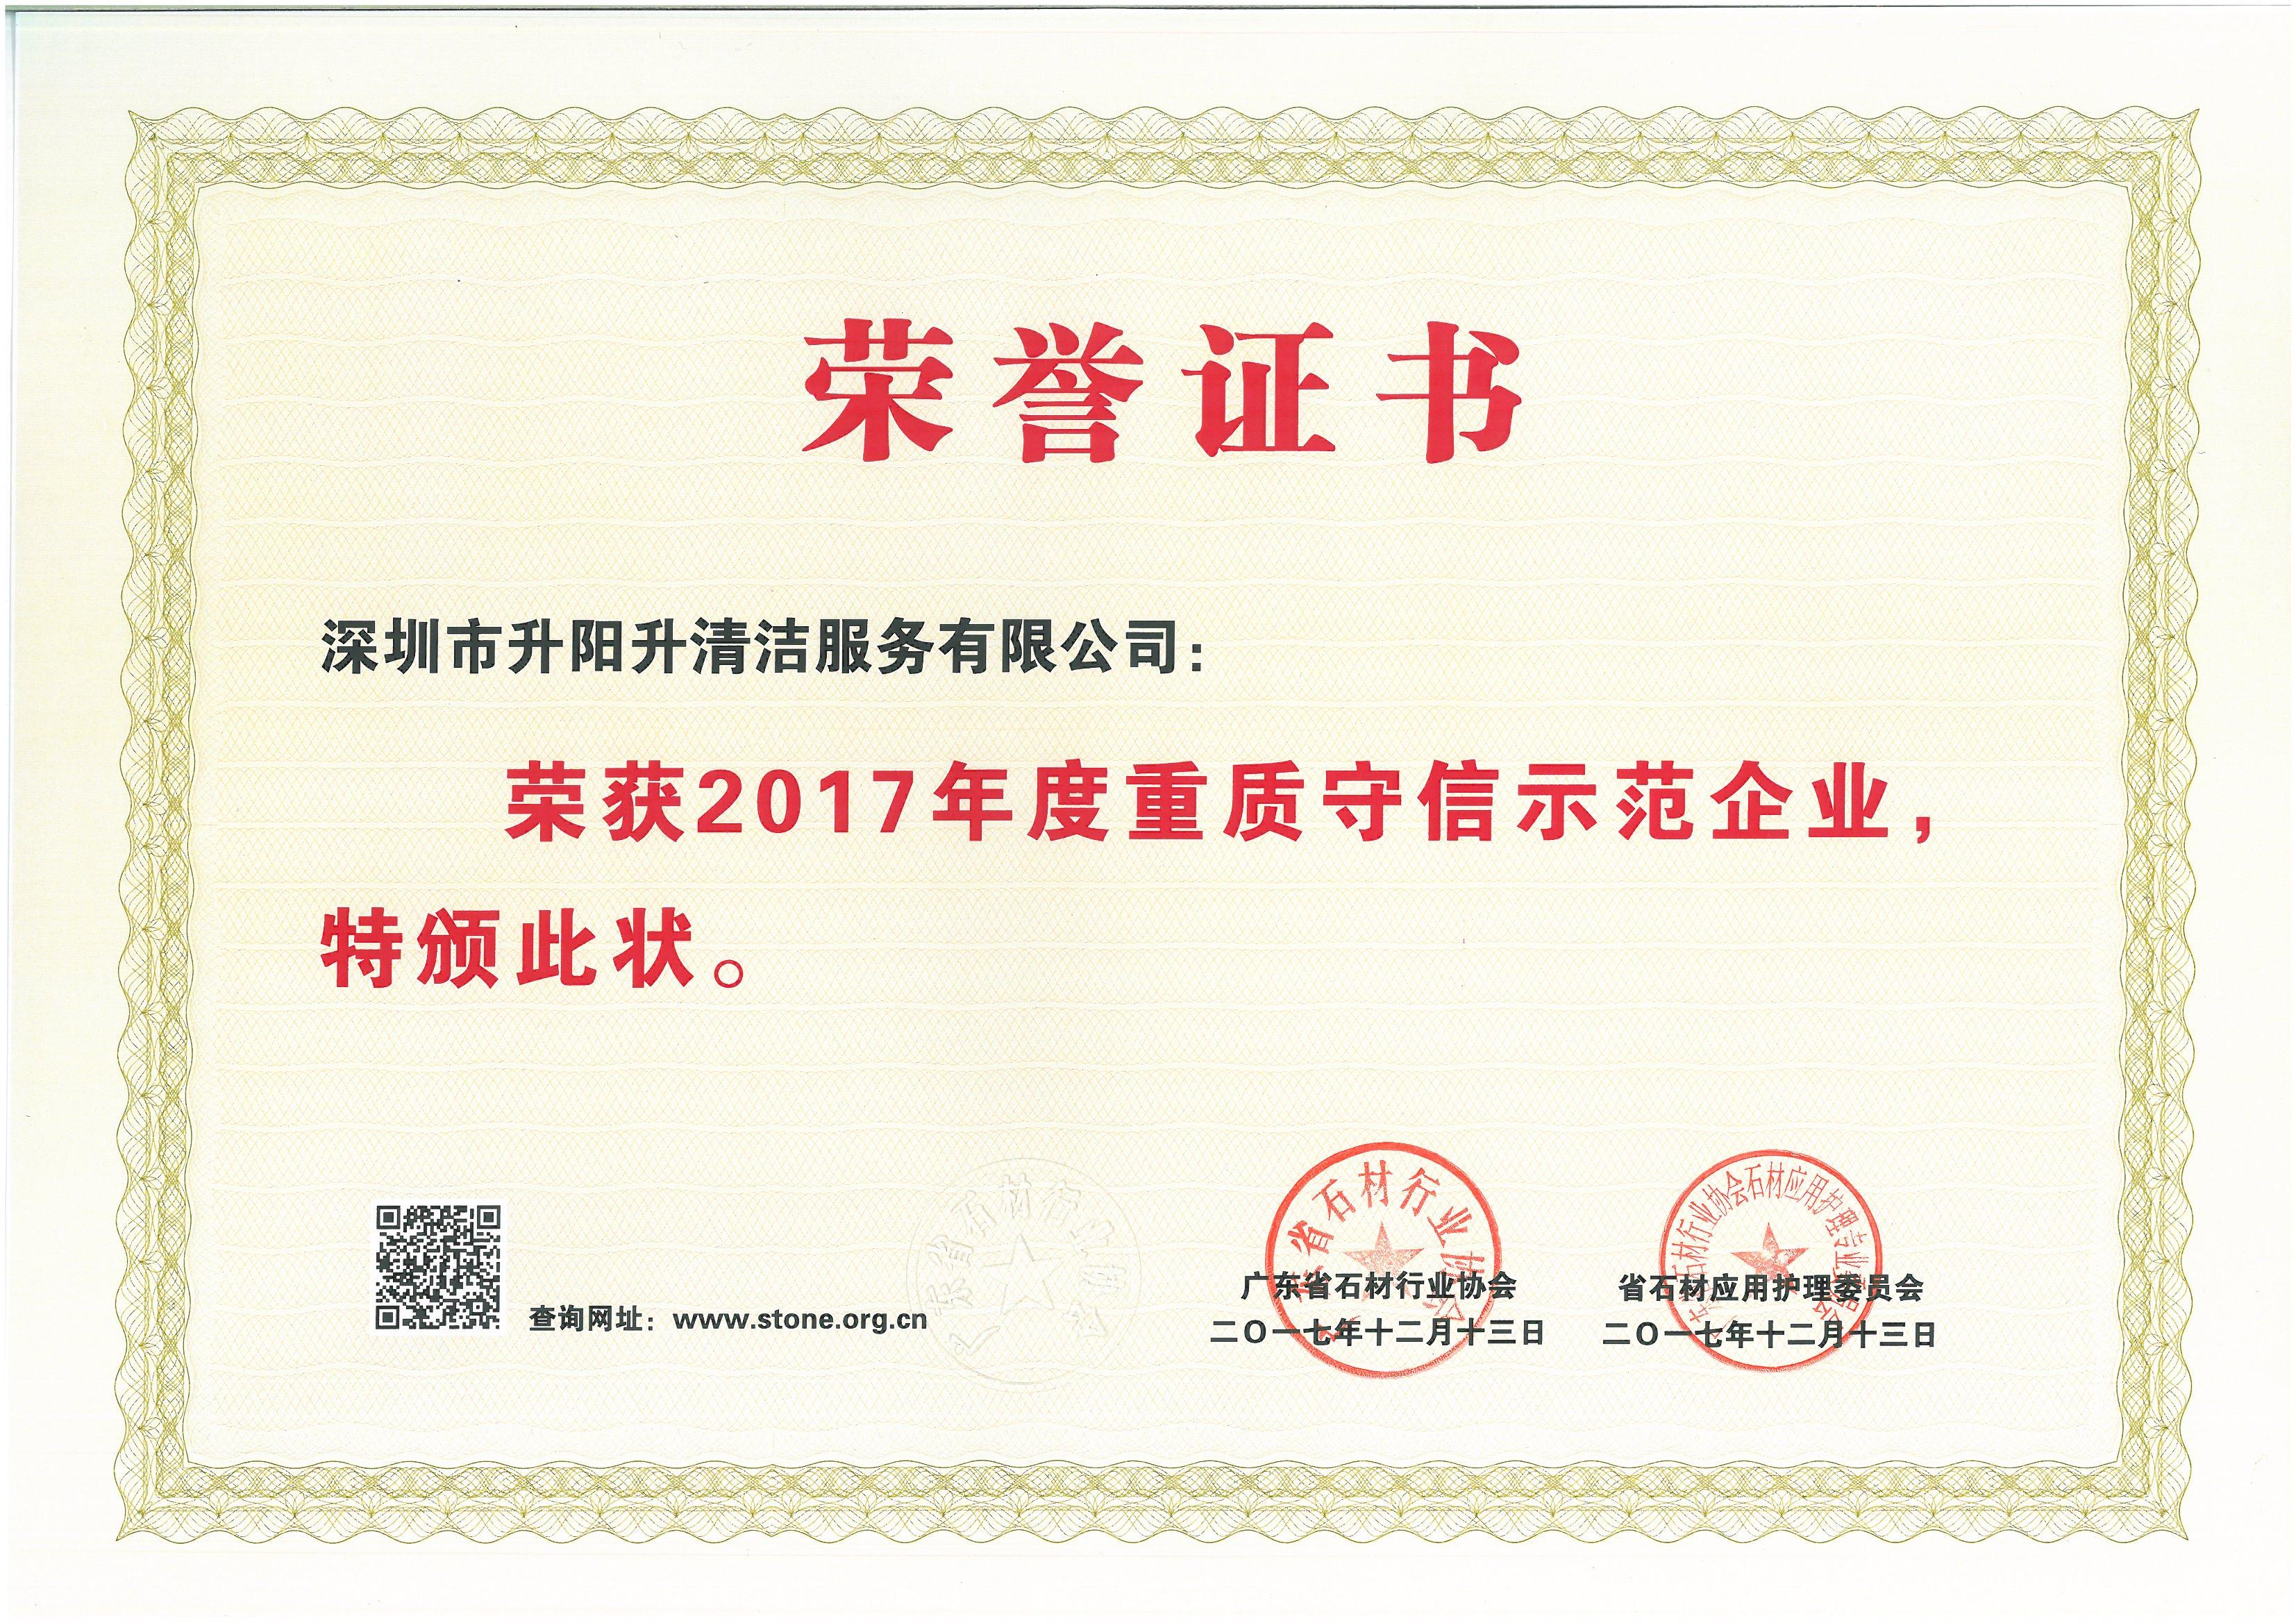 乐投国际米兰俱乐部升清洁服务-广东省重质守信示范企业(石材协会)